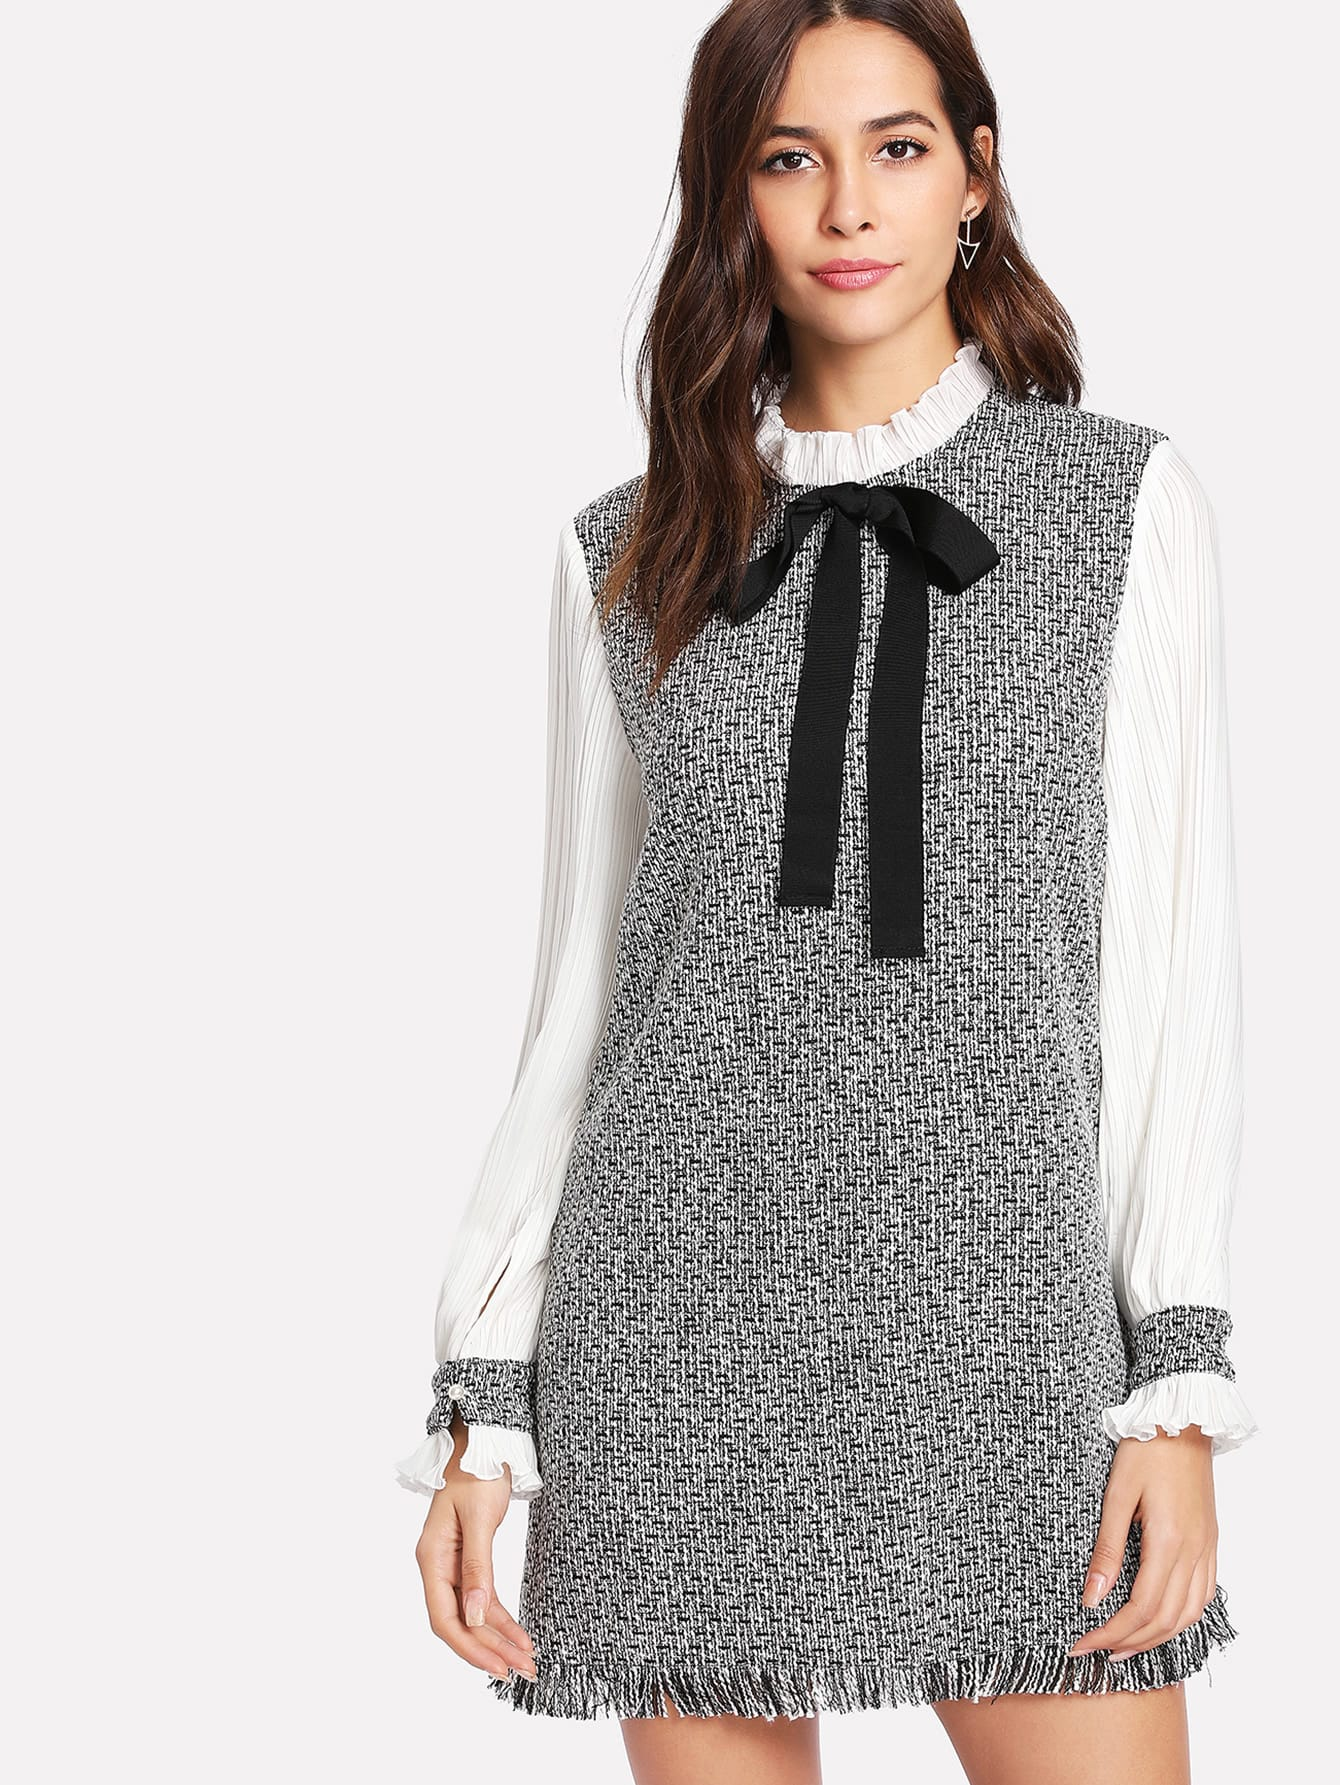 Contrast Pleated Sleeve Frayed Hem Tweed Dress contrast pleated sleeve frayed hem tweed dress